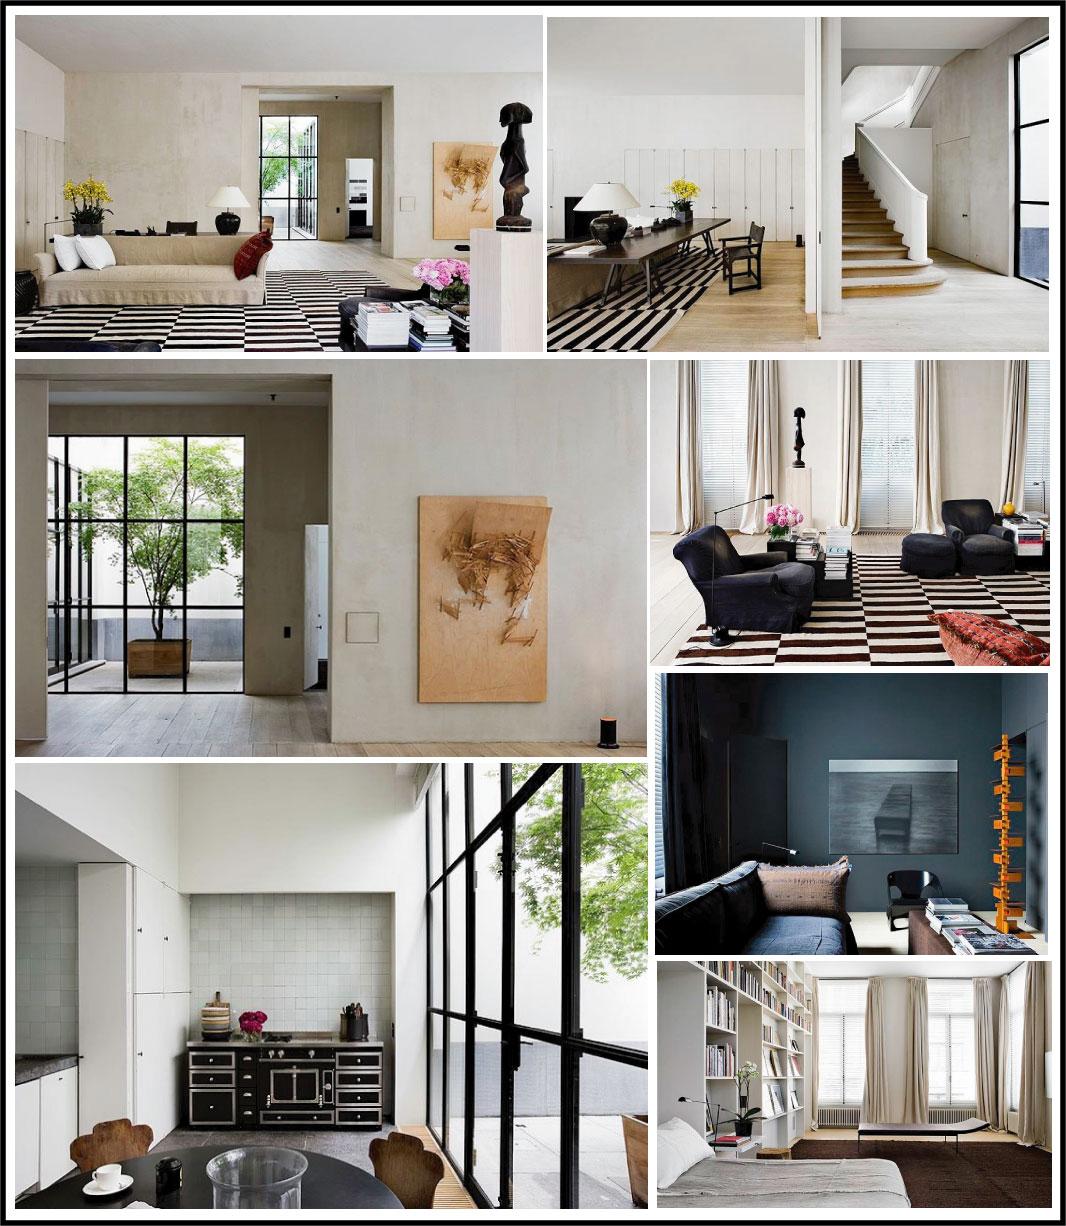 Vincent-van-duysen sa maison à anvers par-chiara stella home